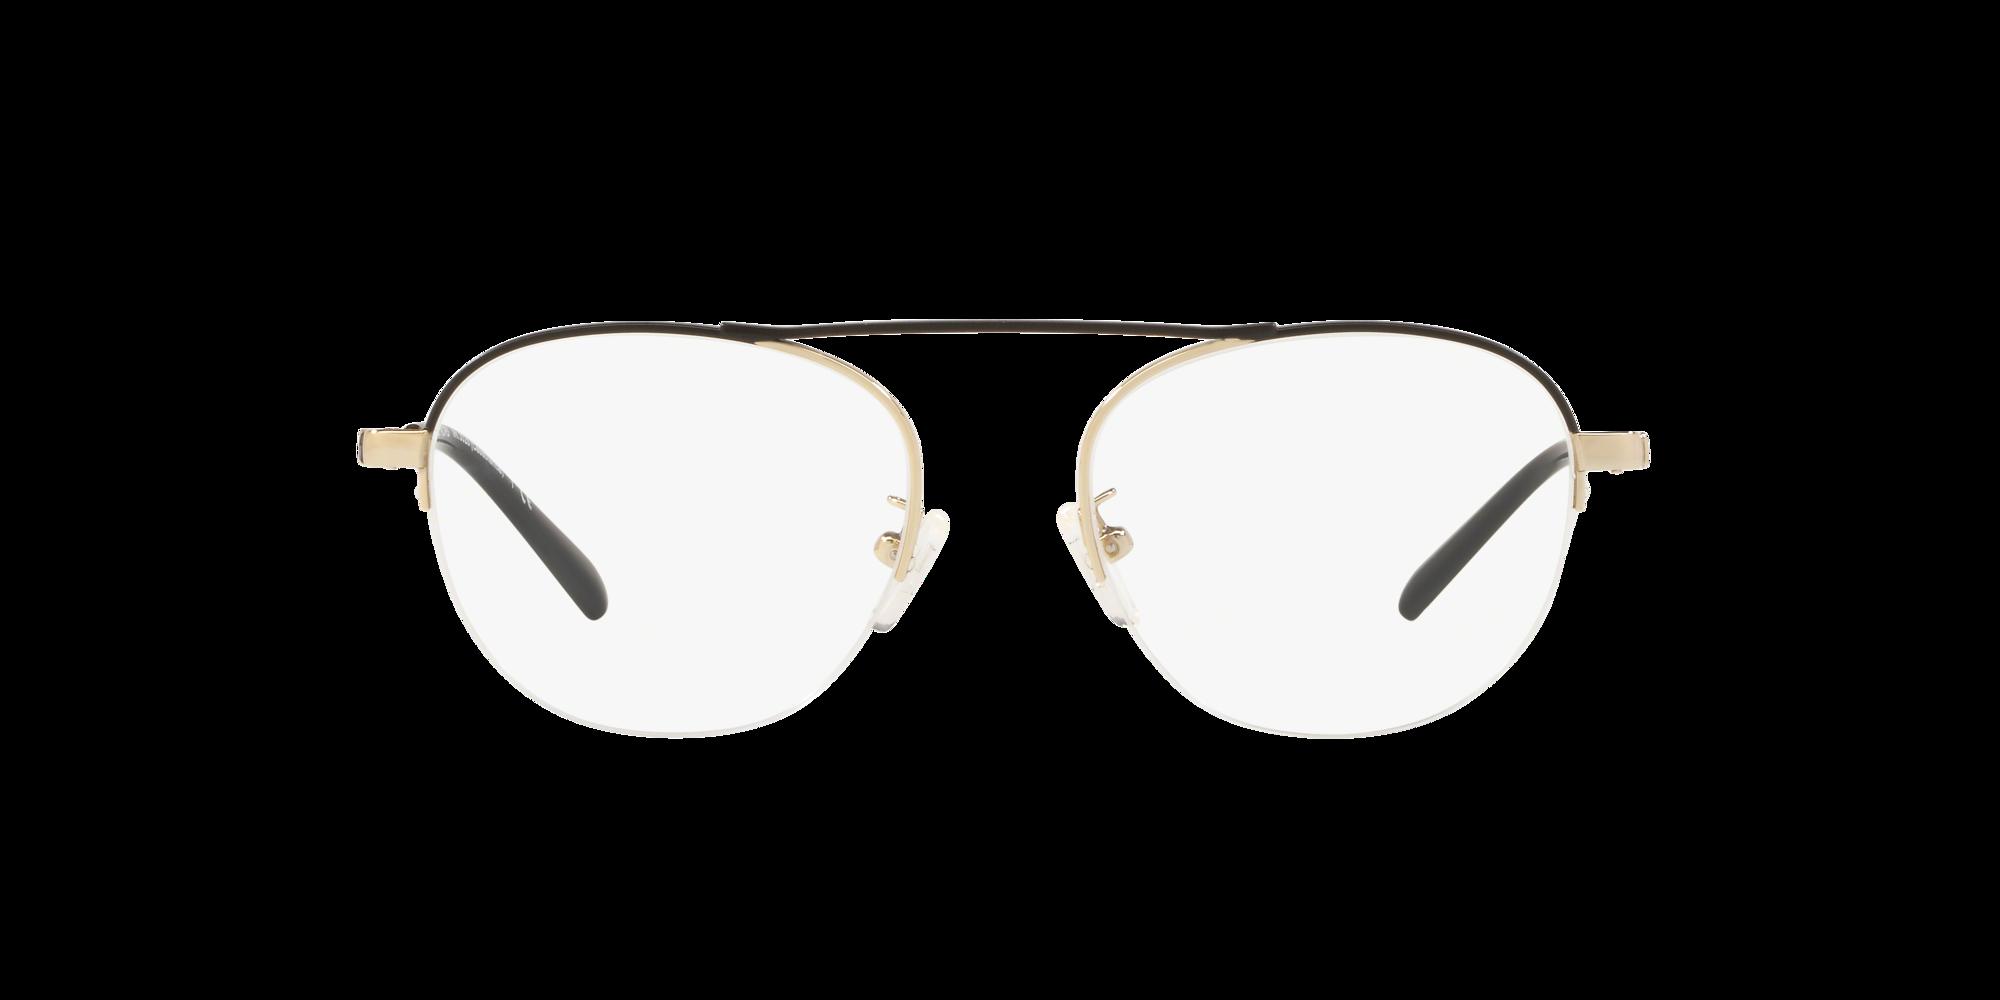 Imagen para MK3028 CASABLANCA de LensCrafters |  Espejuelos, espejuelos graduados en línea, gafas